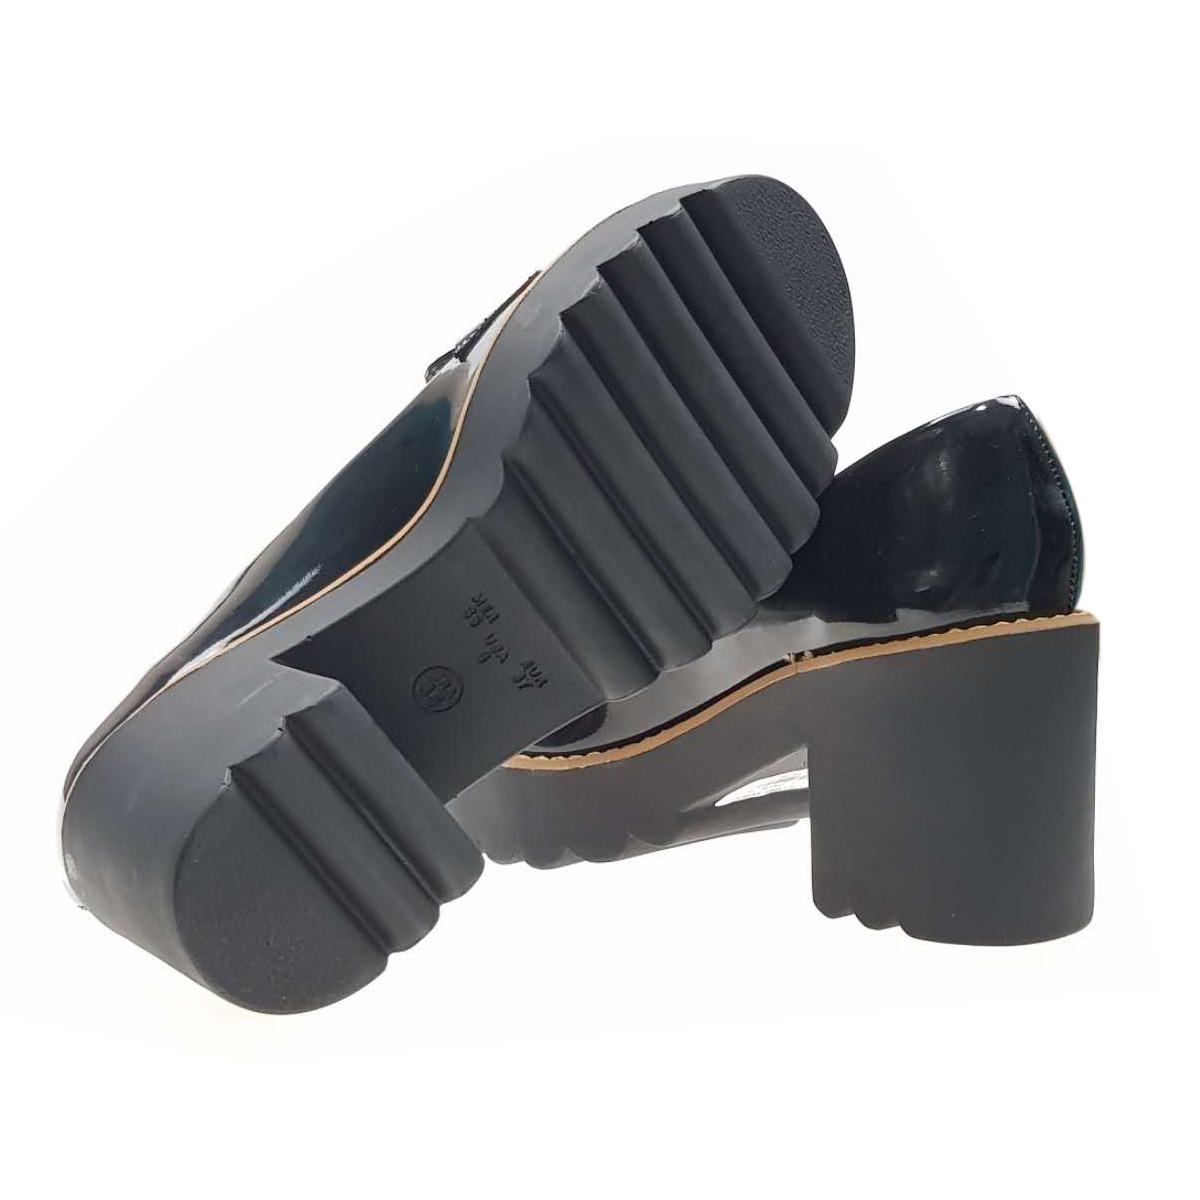 a37c3f3600 sapato feminino preta  vinho plataforma salto médio 152. Carregando zoom.